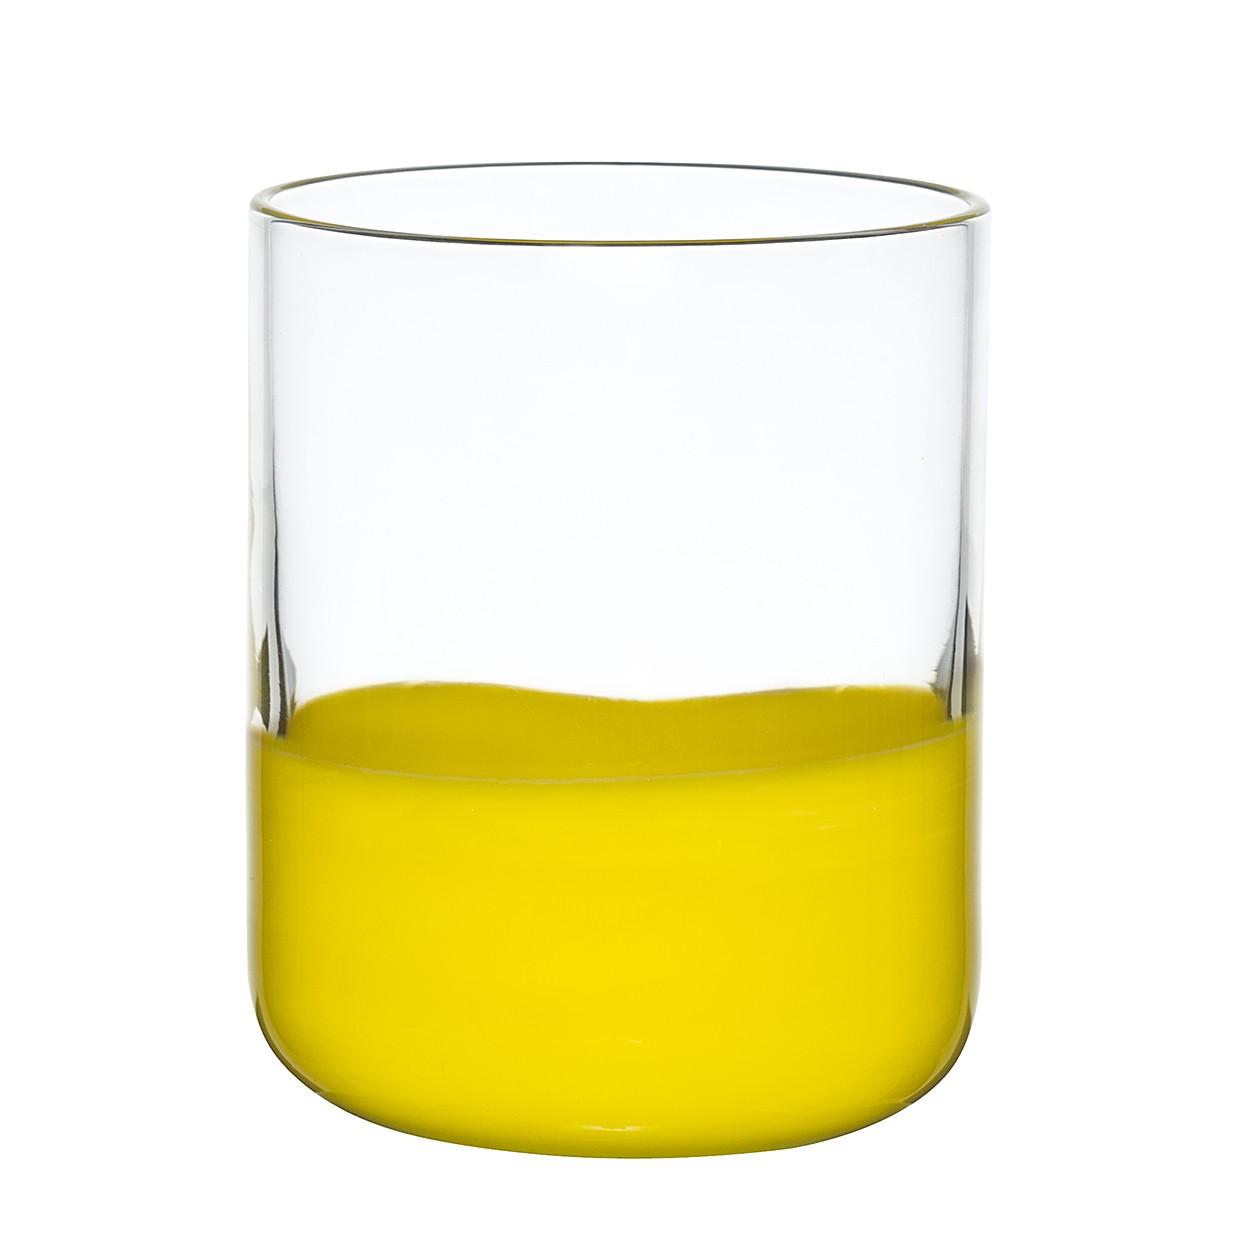 Trinkglas Spot (6er-Set) – Glas – Gelb, BITOSSI HOME günstig bestellen